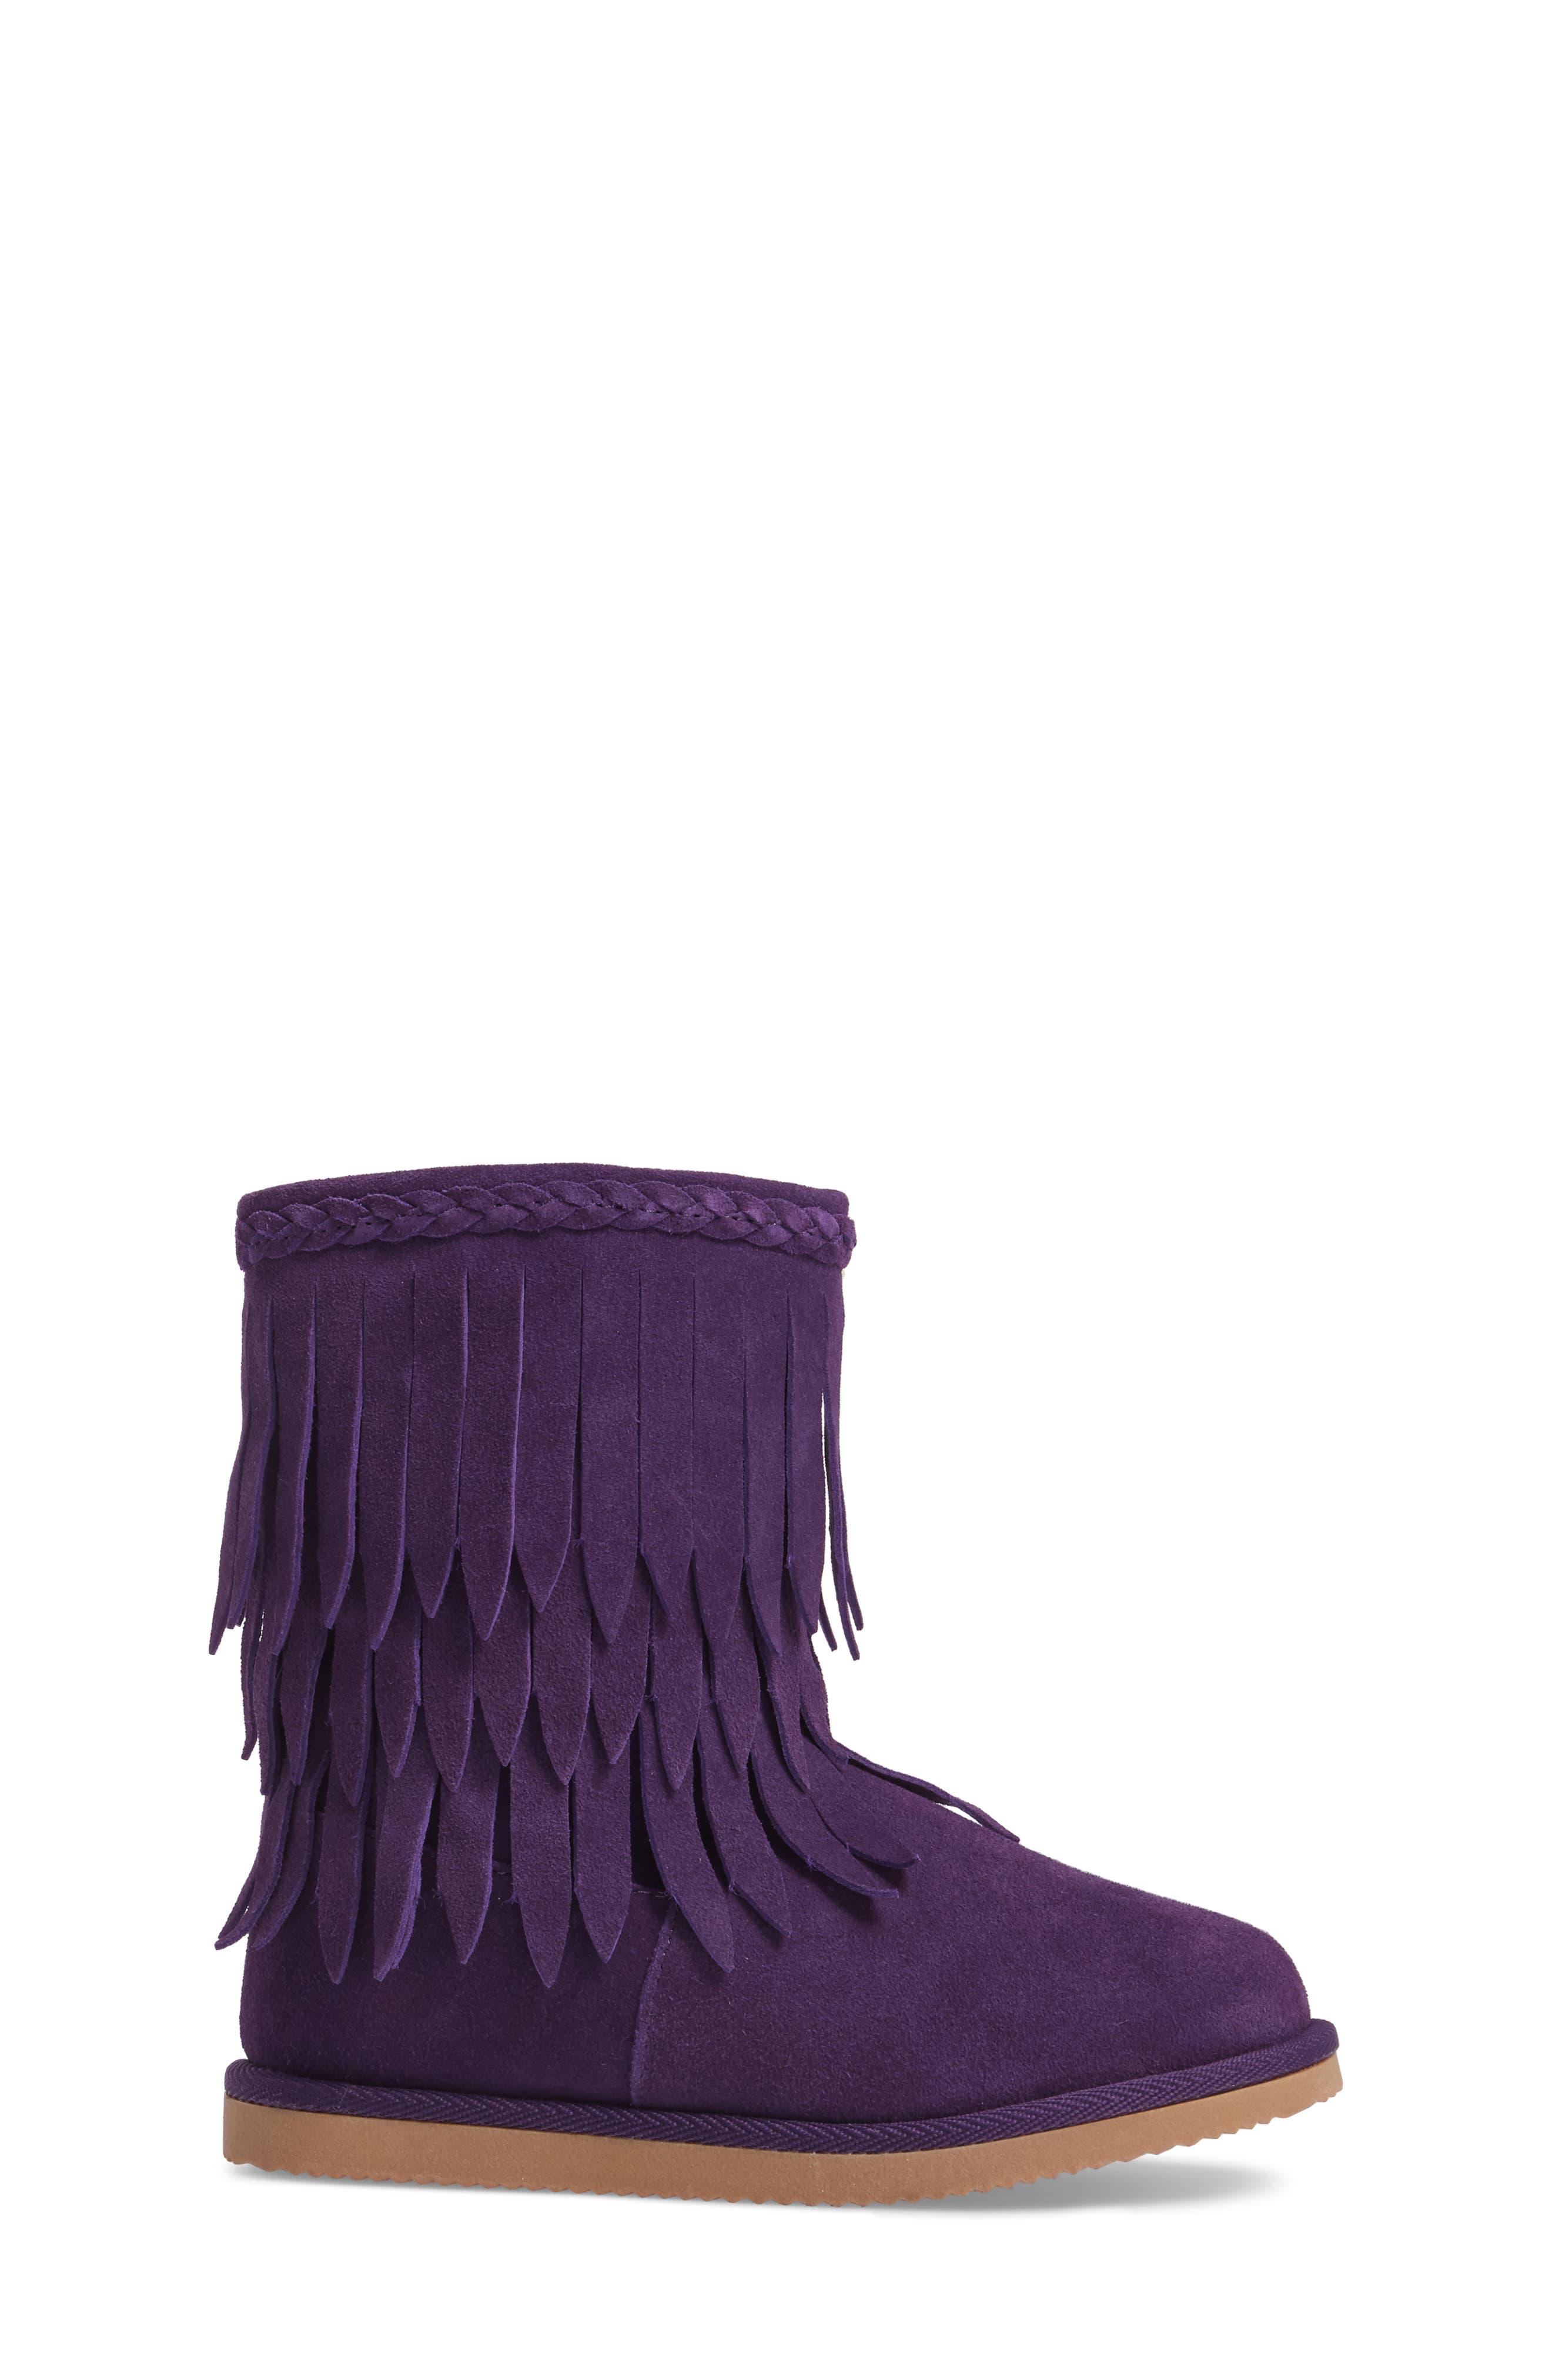 Elissa Faux Fur Fringed Bootie,                             Alternate thumbnail 3, color,                             Purple Suede